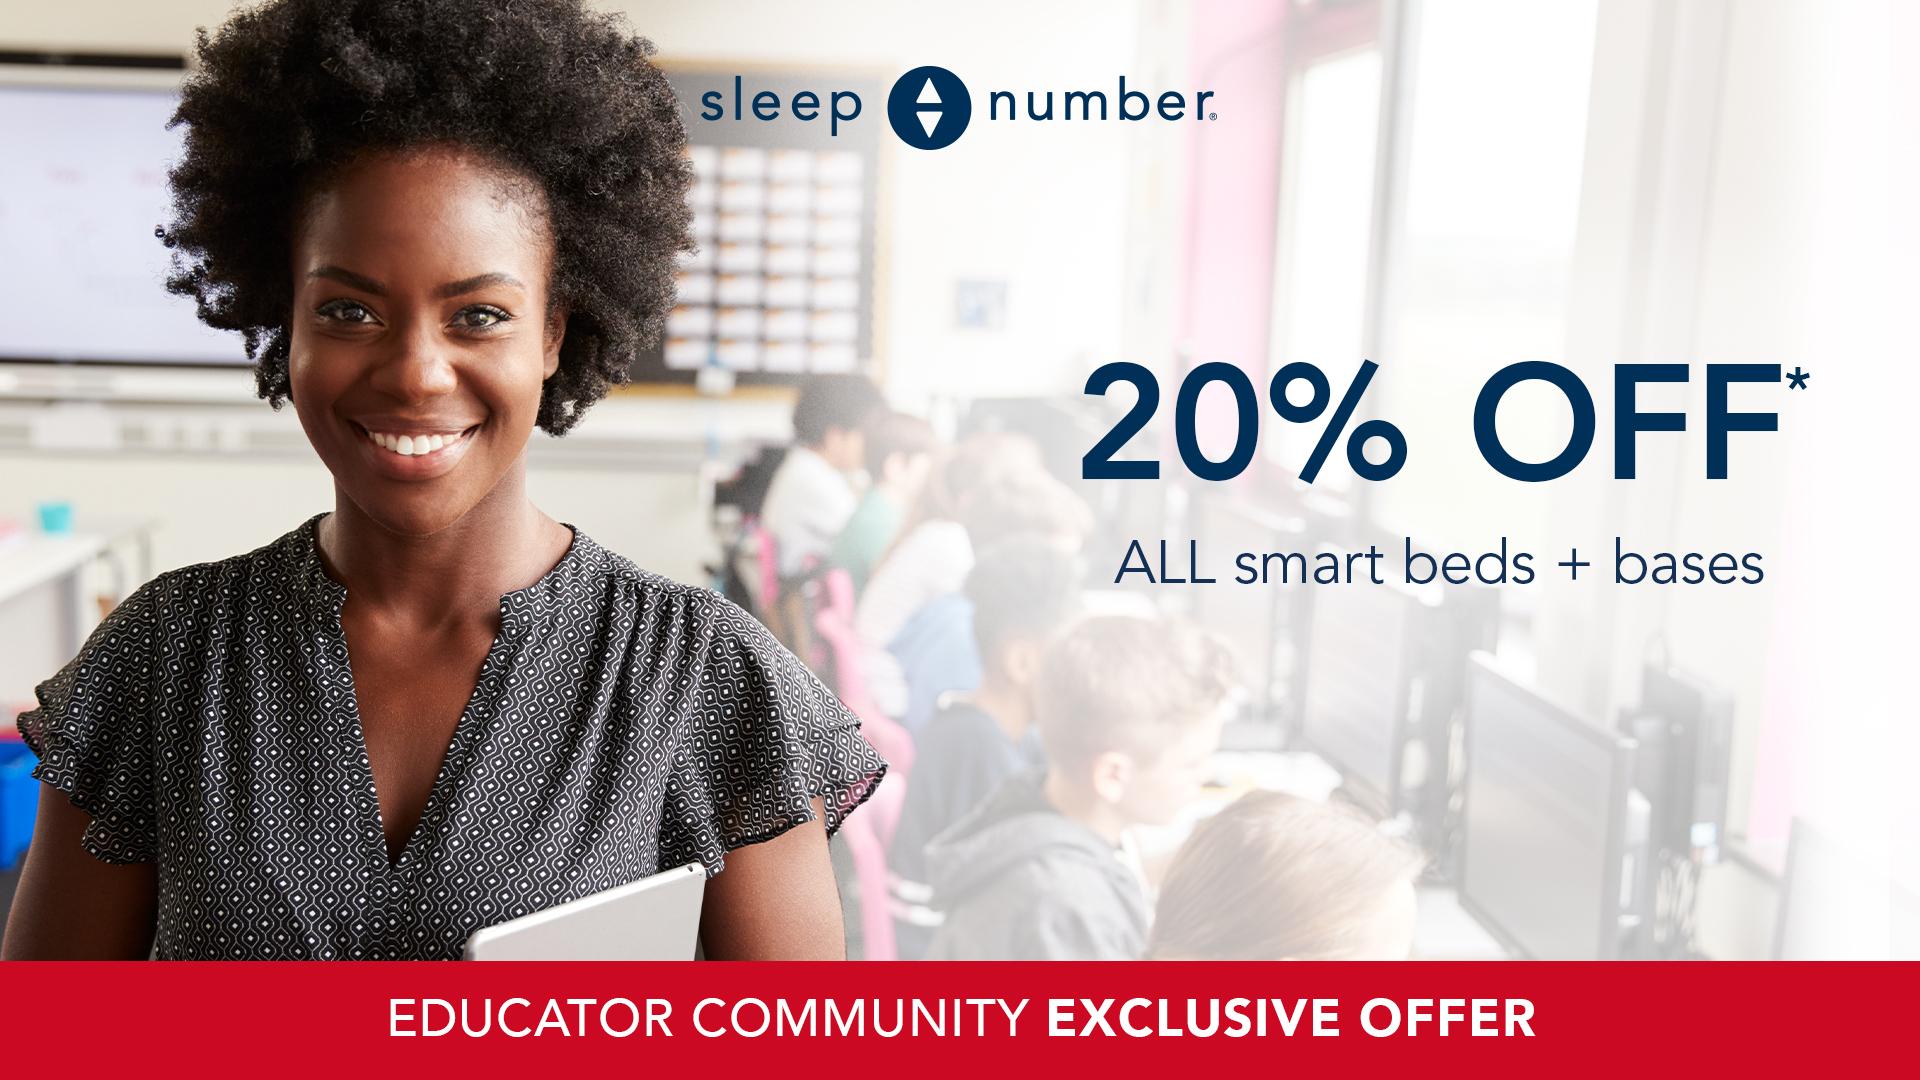 sleep number educatoroffer